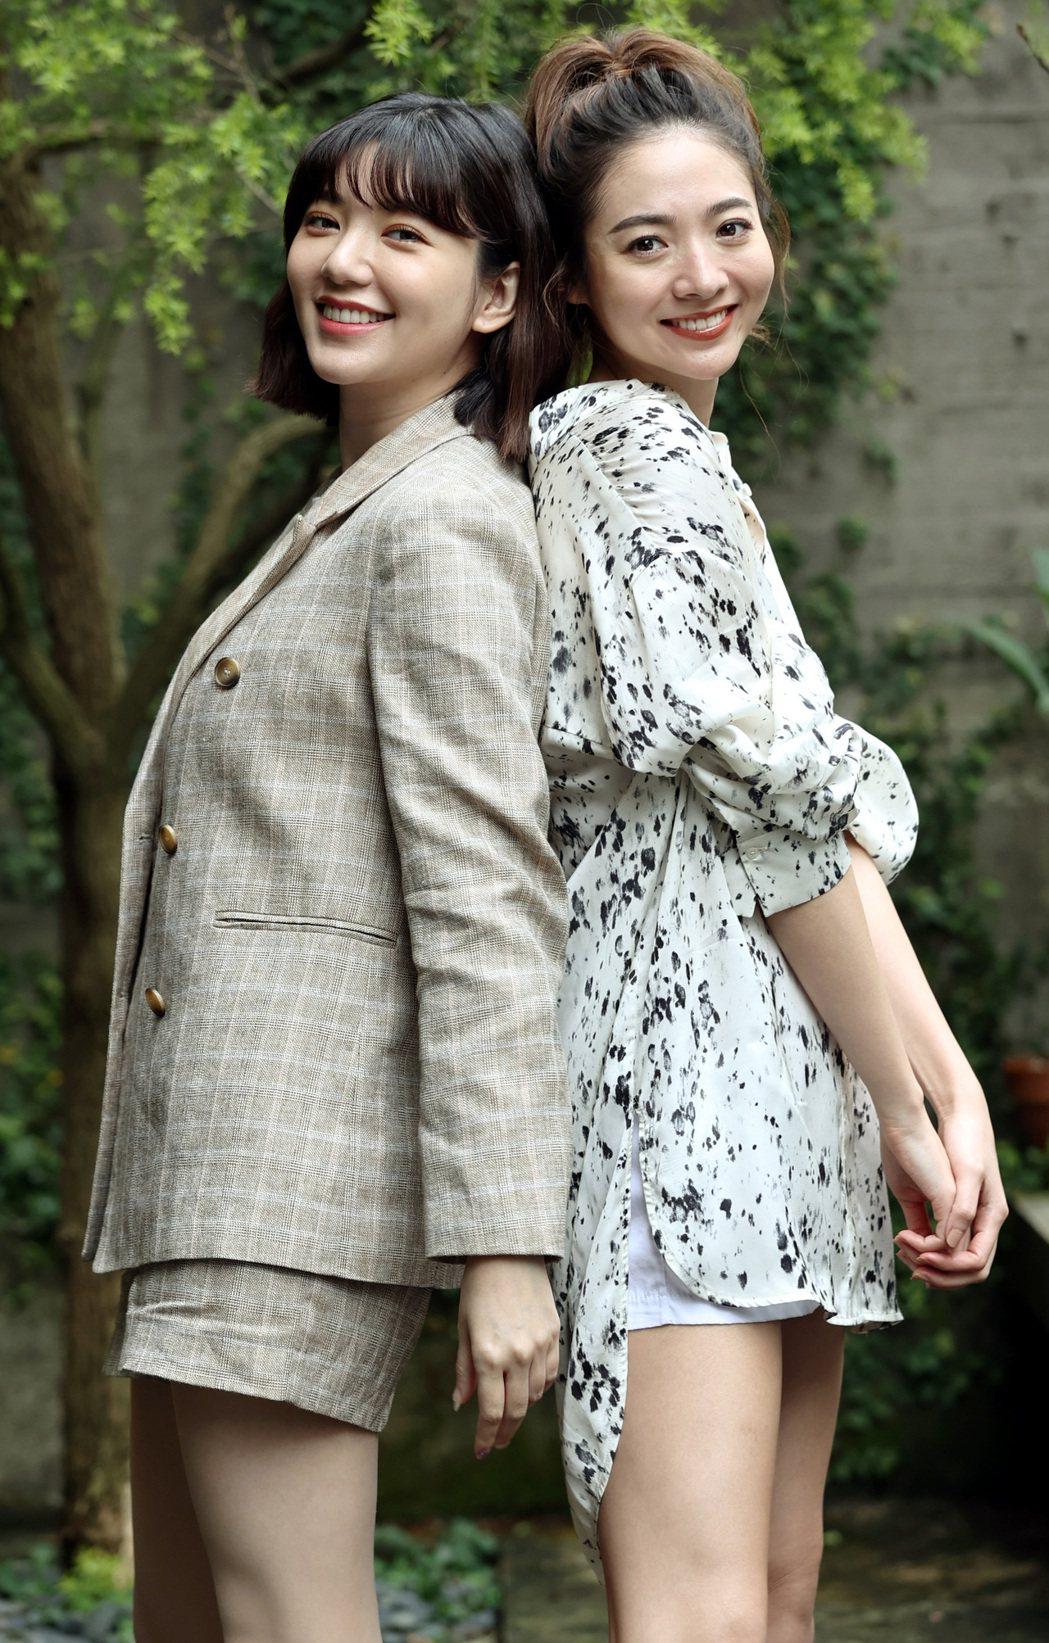 郭雪芙(左)、謝沛恩(右)。圖/記者侯永全攝